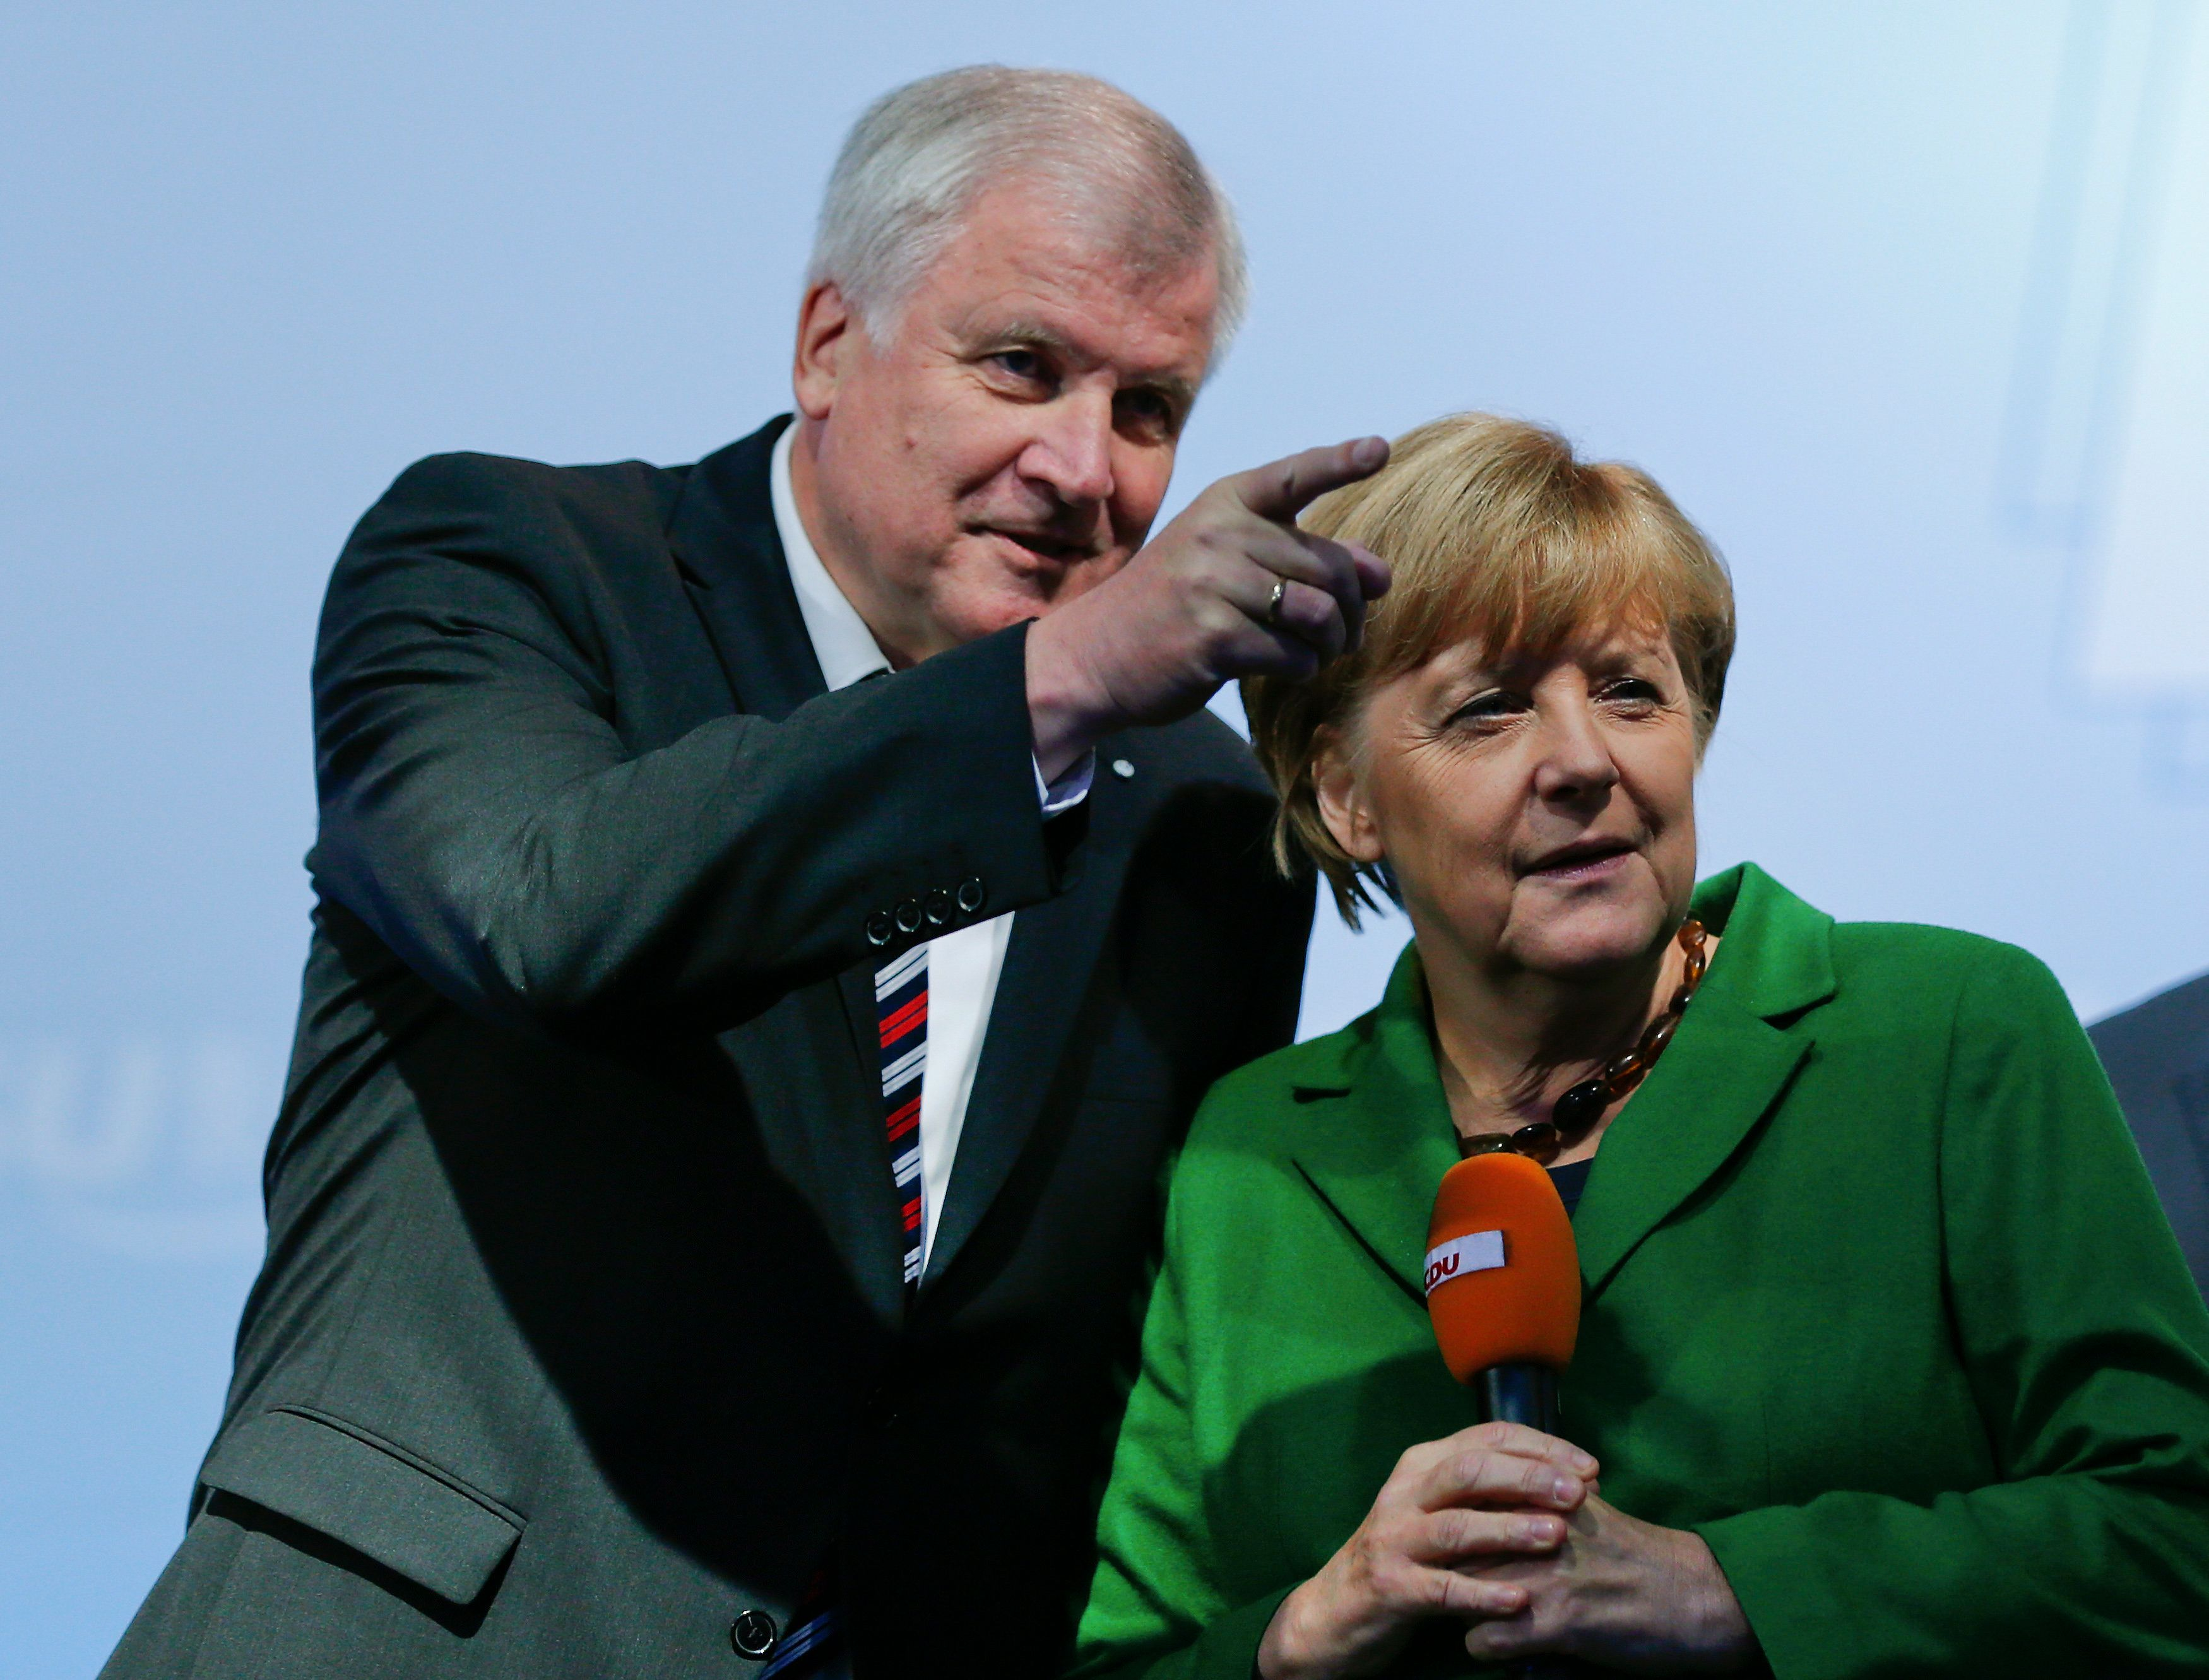 Κέρδη και απώλειες από τον συμβιβασμό Μέρκελ και Ζεεχόφερ για την επιβίωση της κυβερνητικής συμμαχίας, μετρά ο διεθνής